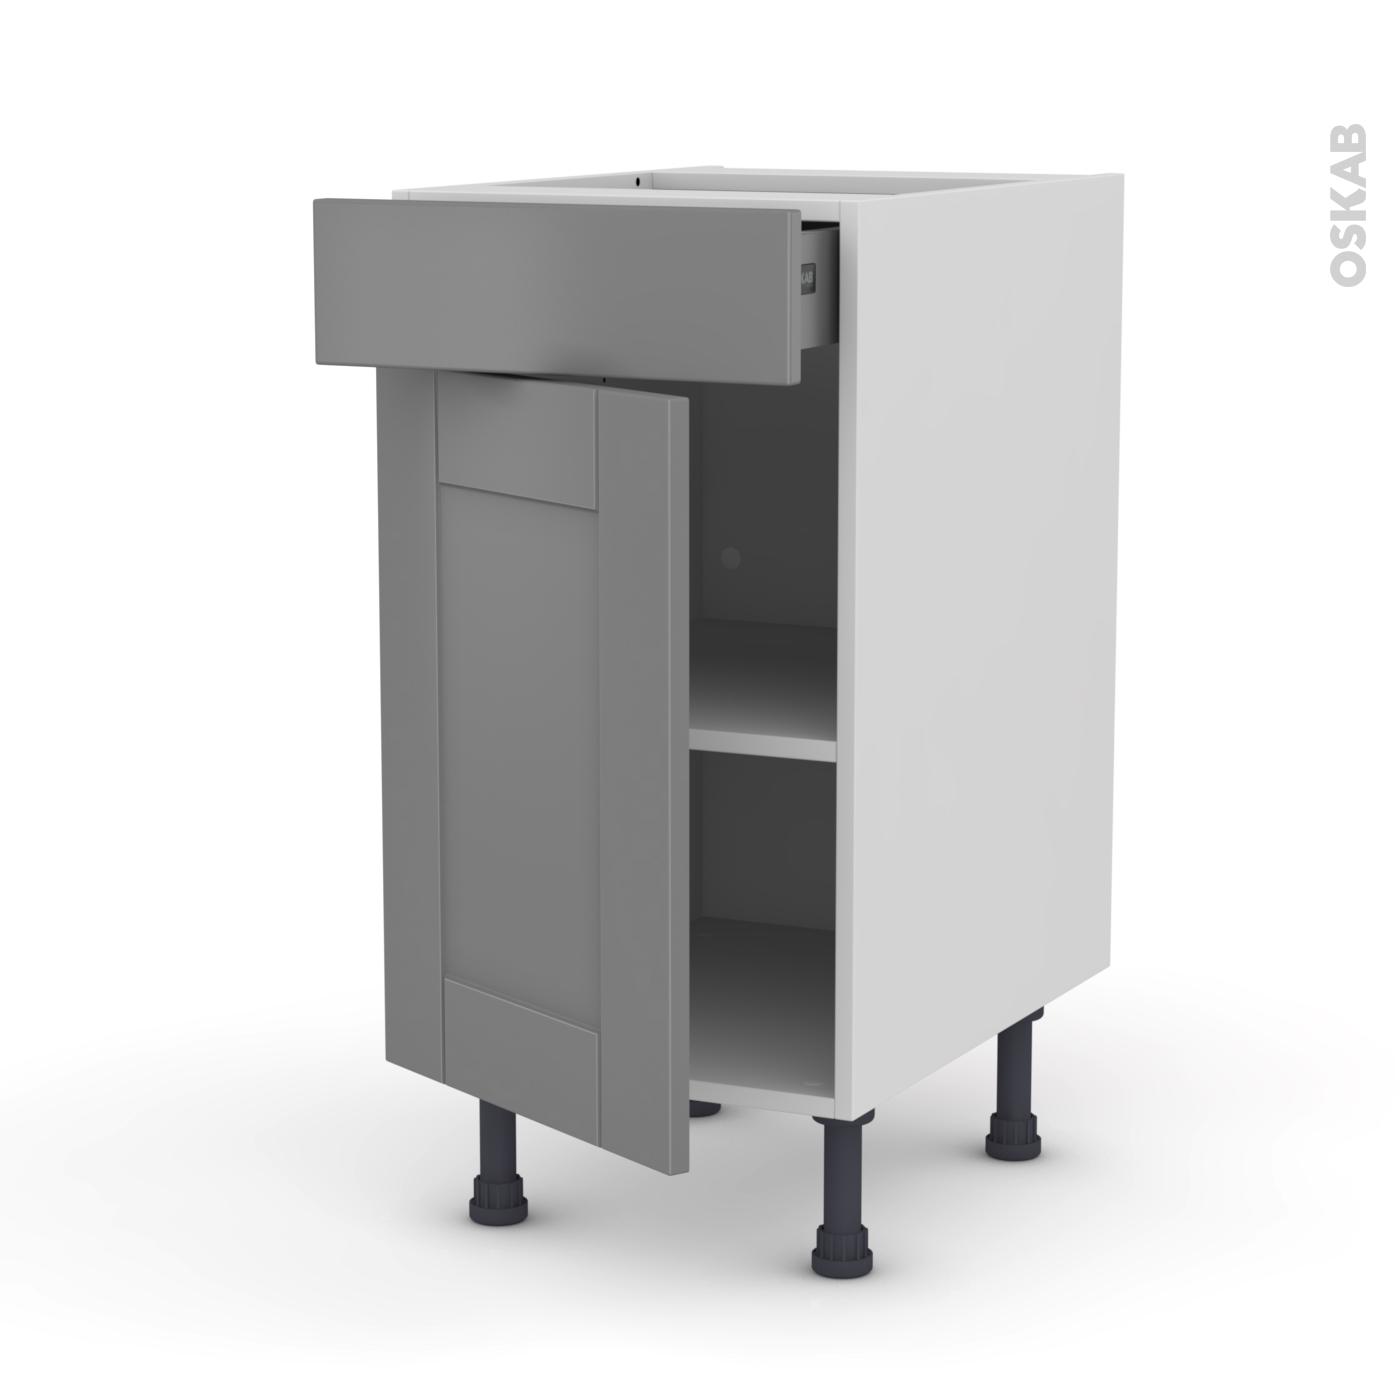 Meuble de cuisine Bas FILIPEN Gris, 144 porte 144 tiroir , L14 x H14 x P14 cm